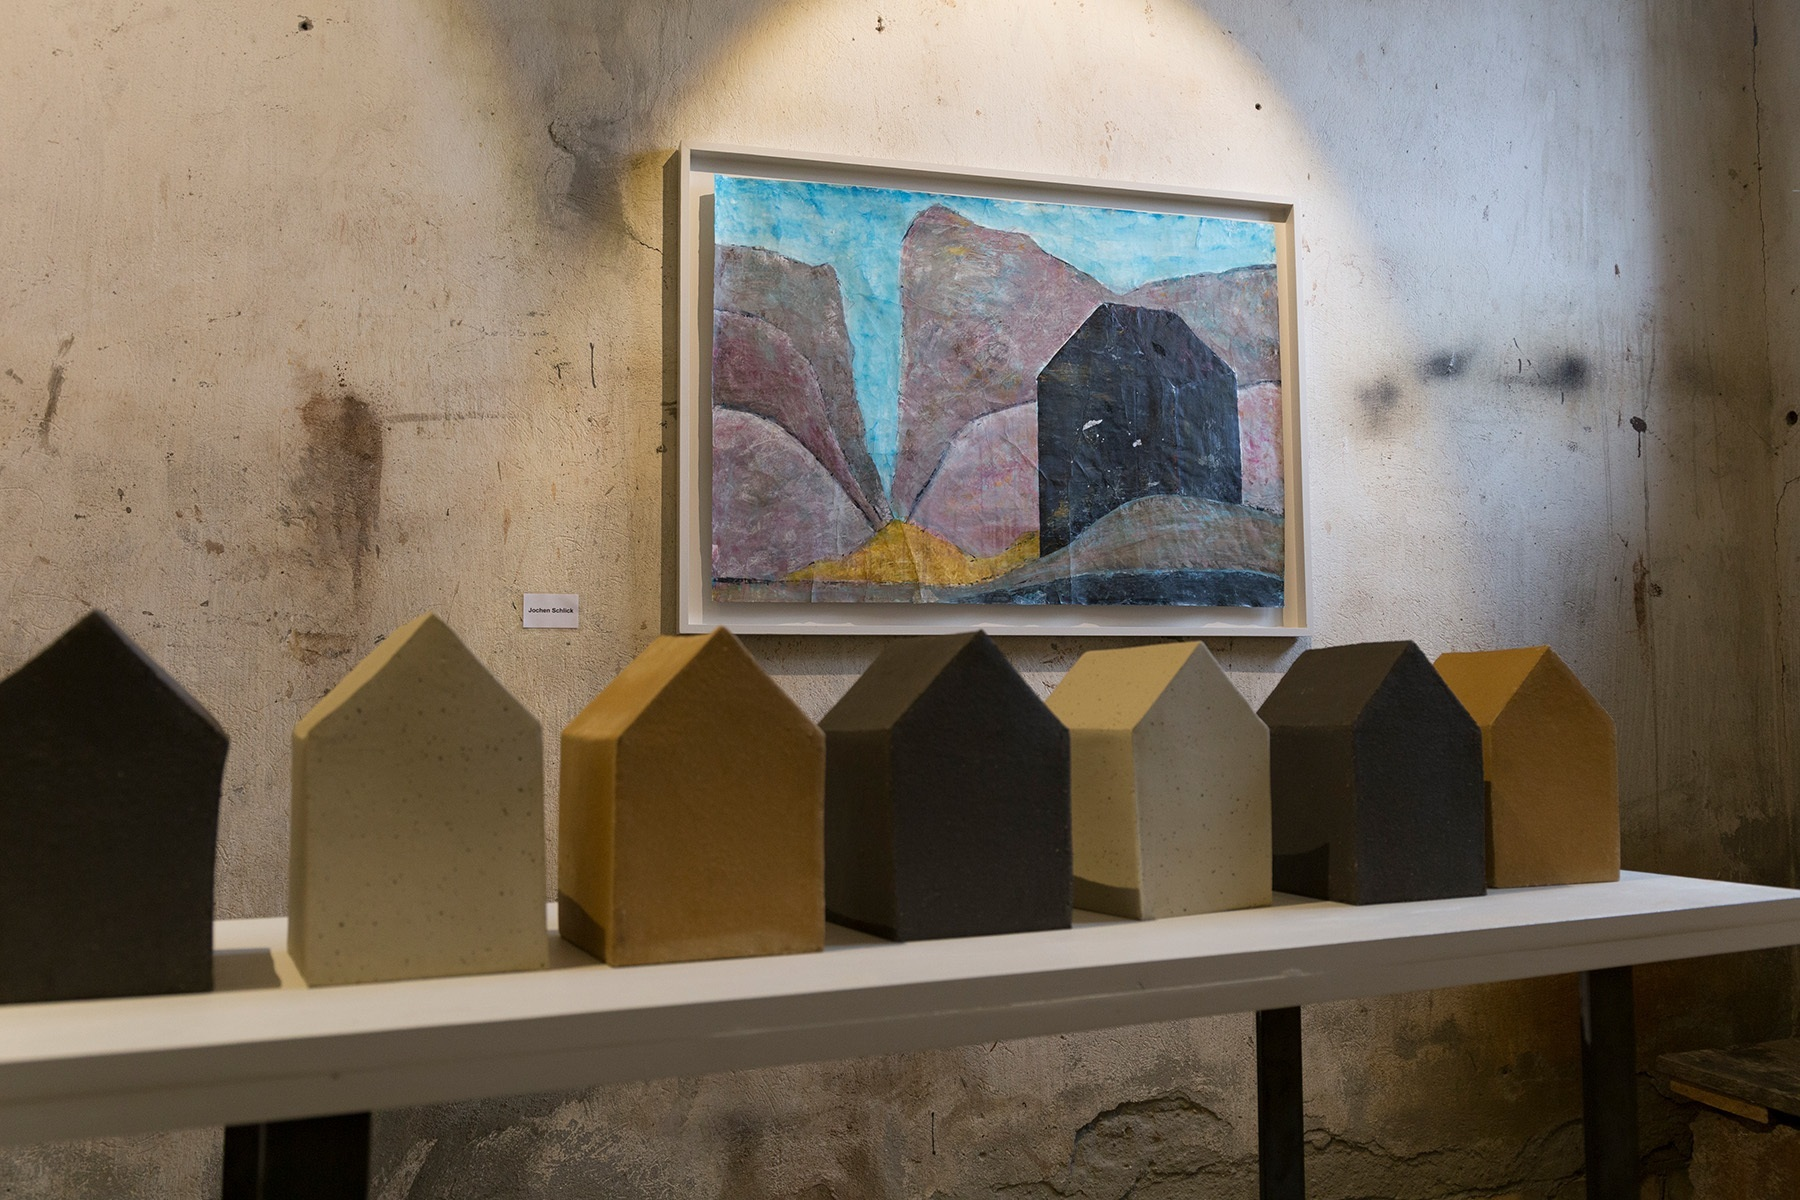 Ist es das wovon Du geträumt hast, Installation, Keramik und Arcyl auf Papier/Pappe, 2018